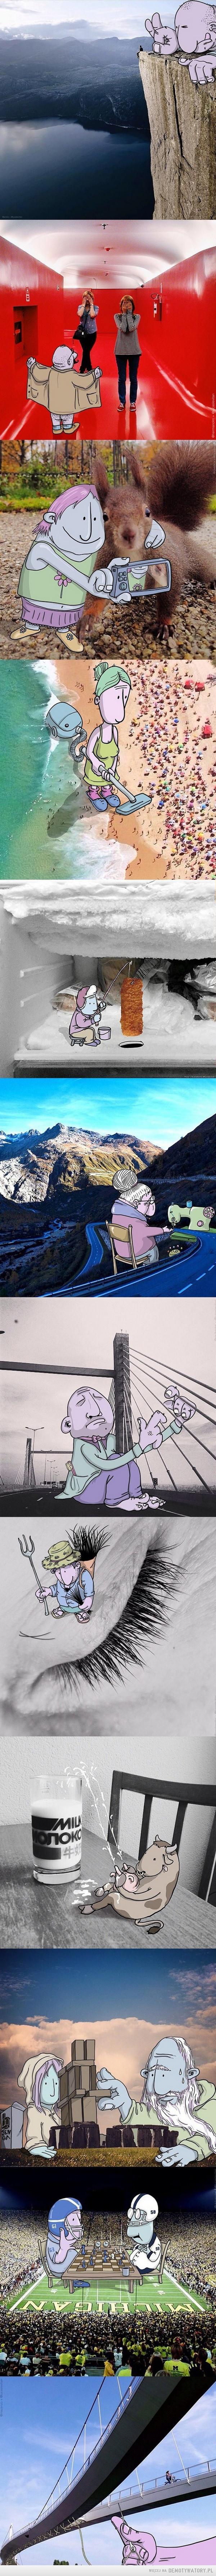 Lucas Levitan dodaje animowane postacie do zdjęć, które całkowicie zmieniają sens fotografii i opowiadają nową historię.#2 –